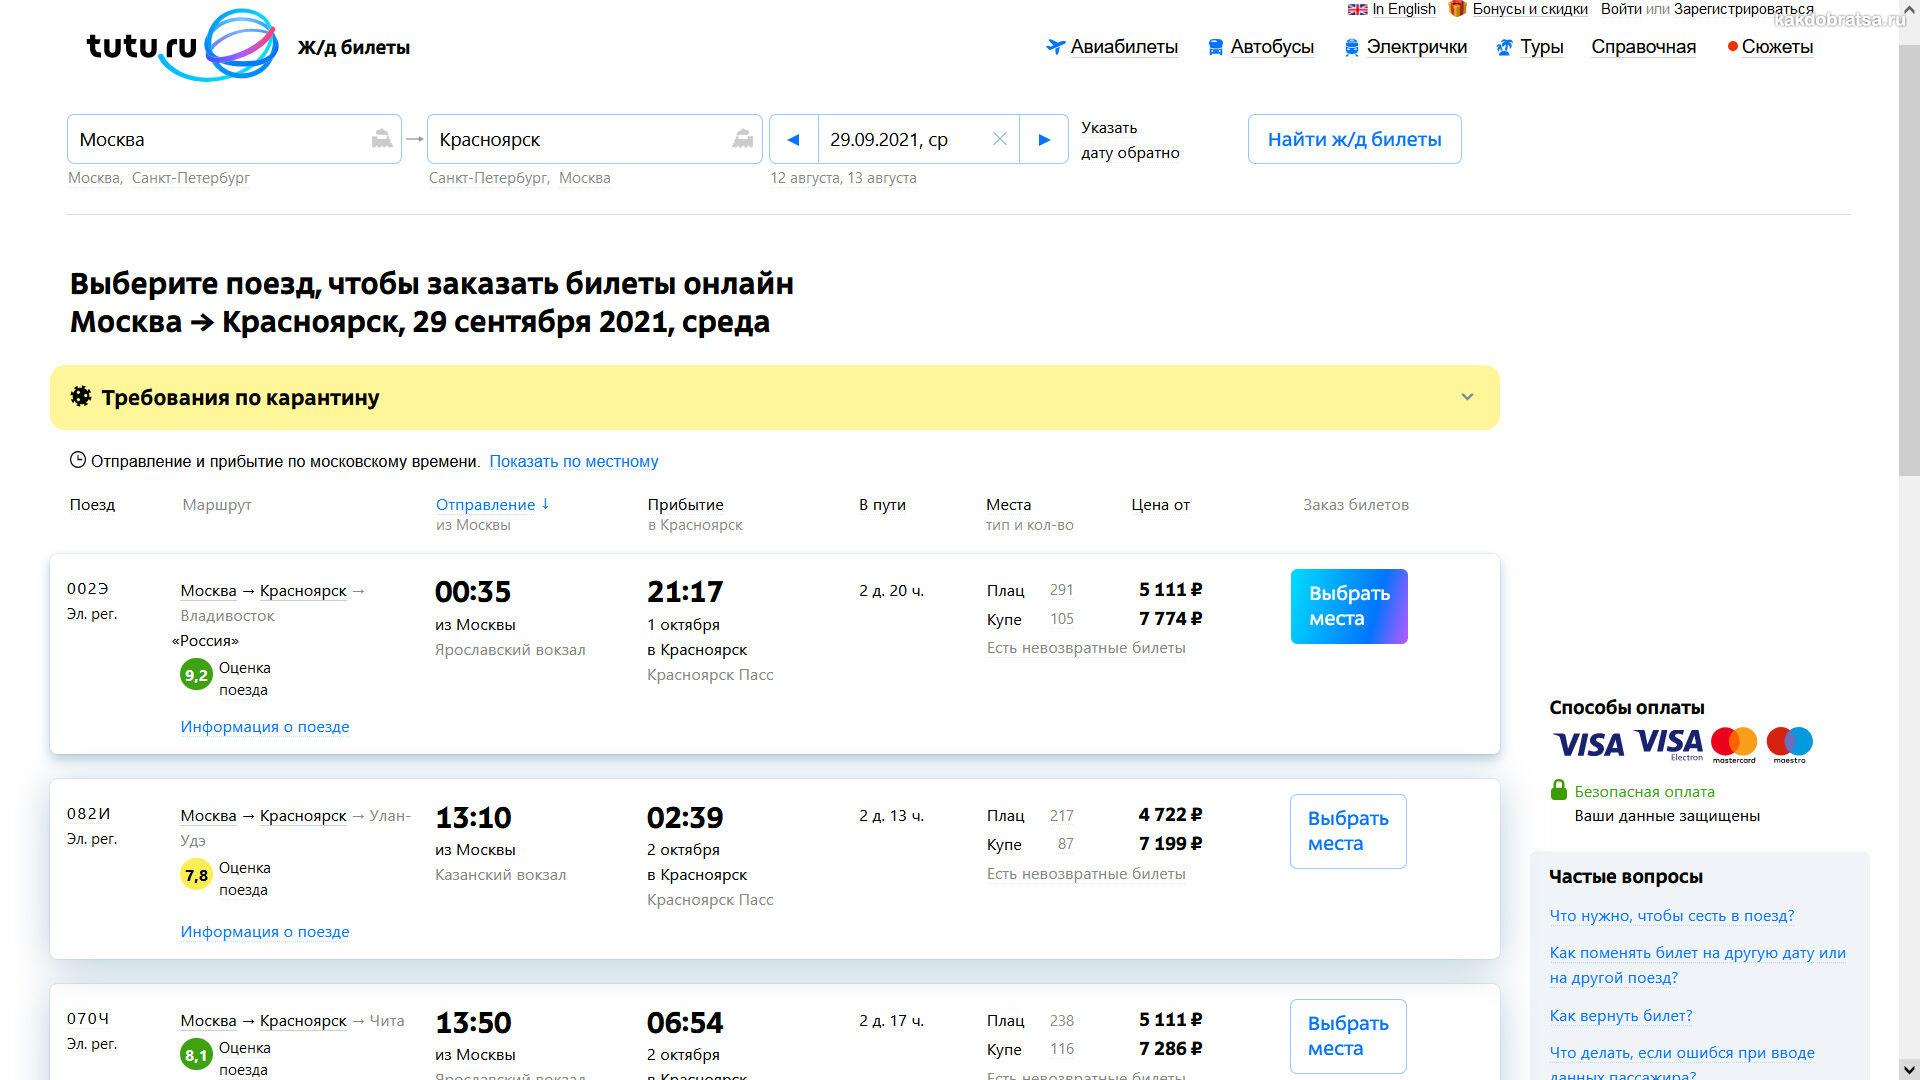 Поезд из Москвы в Красноярск